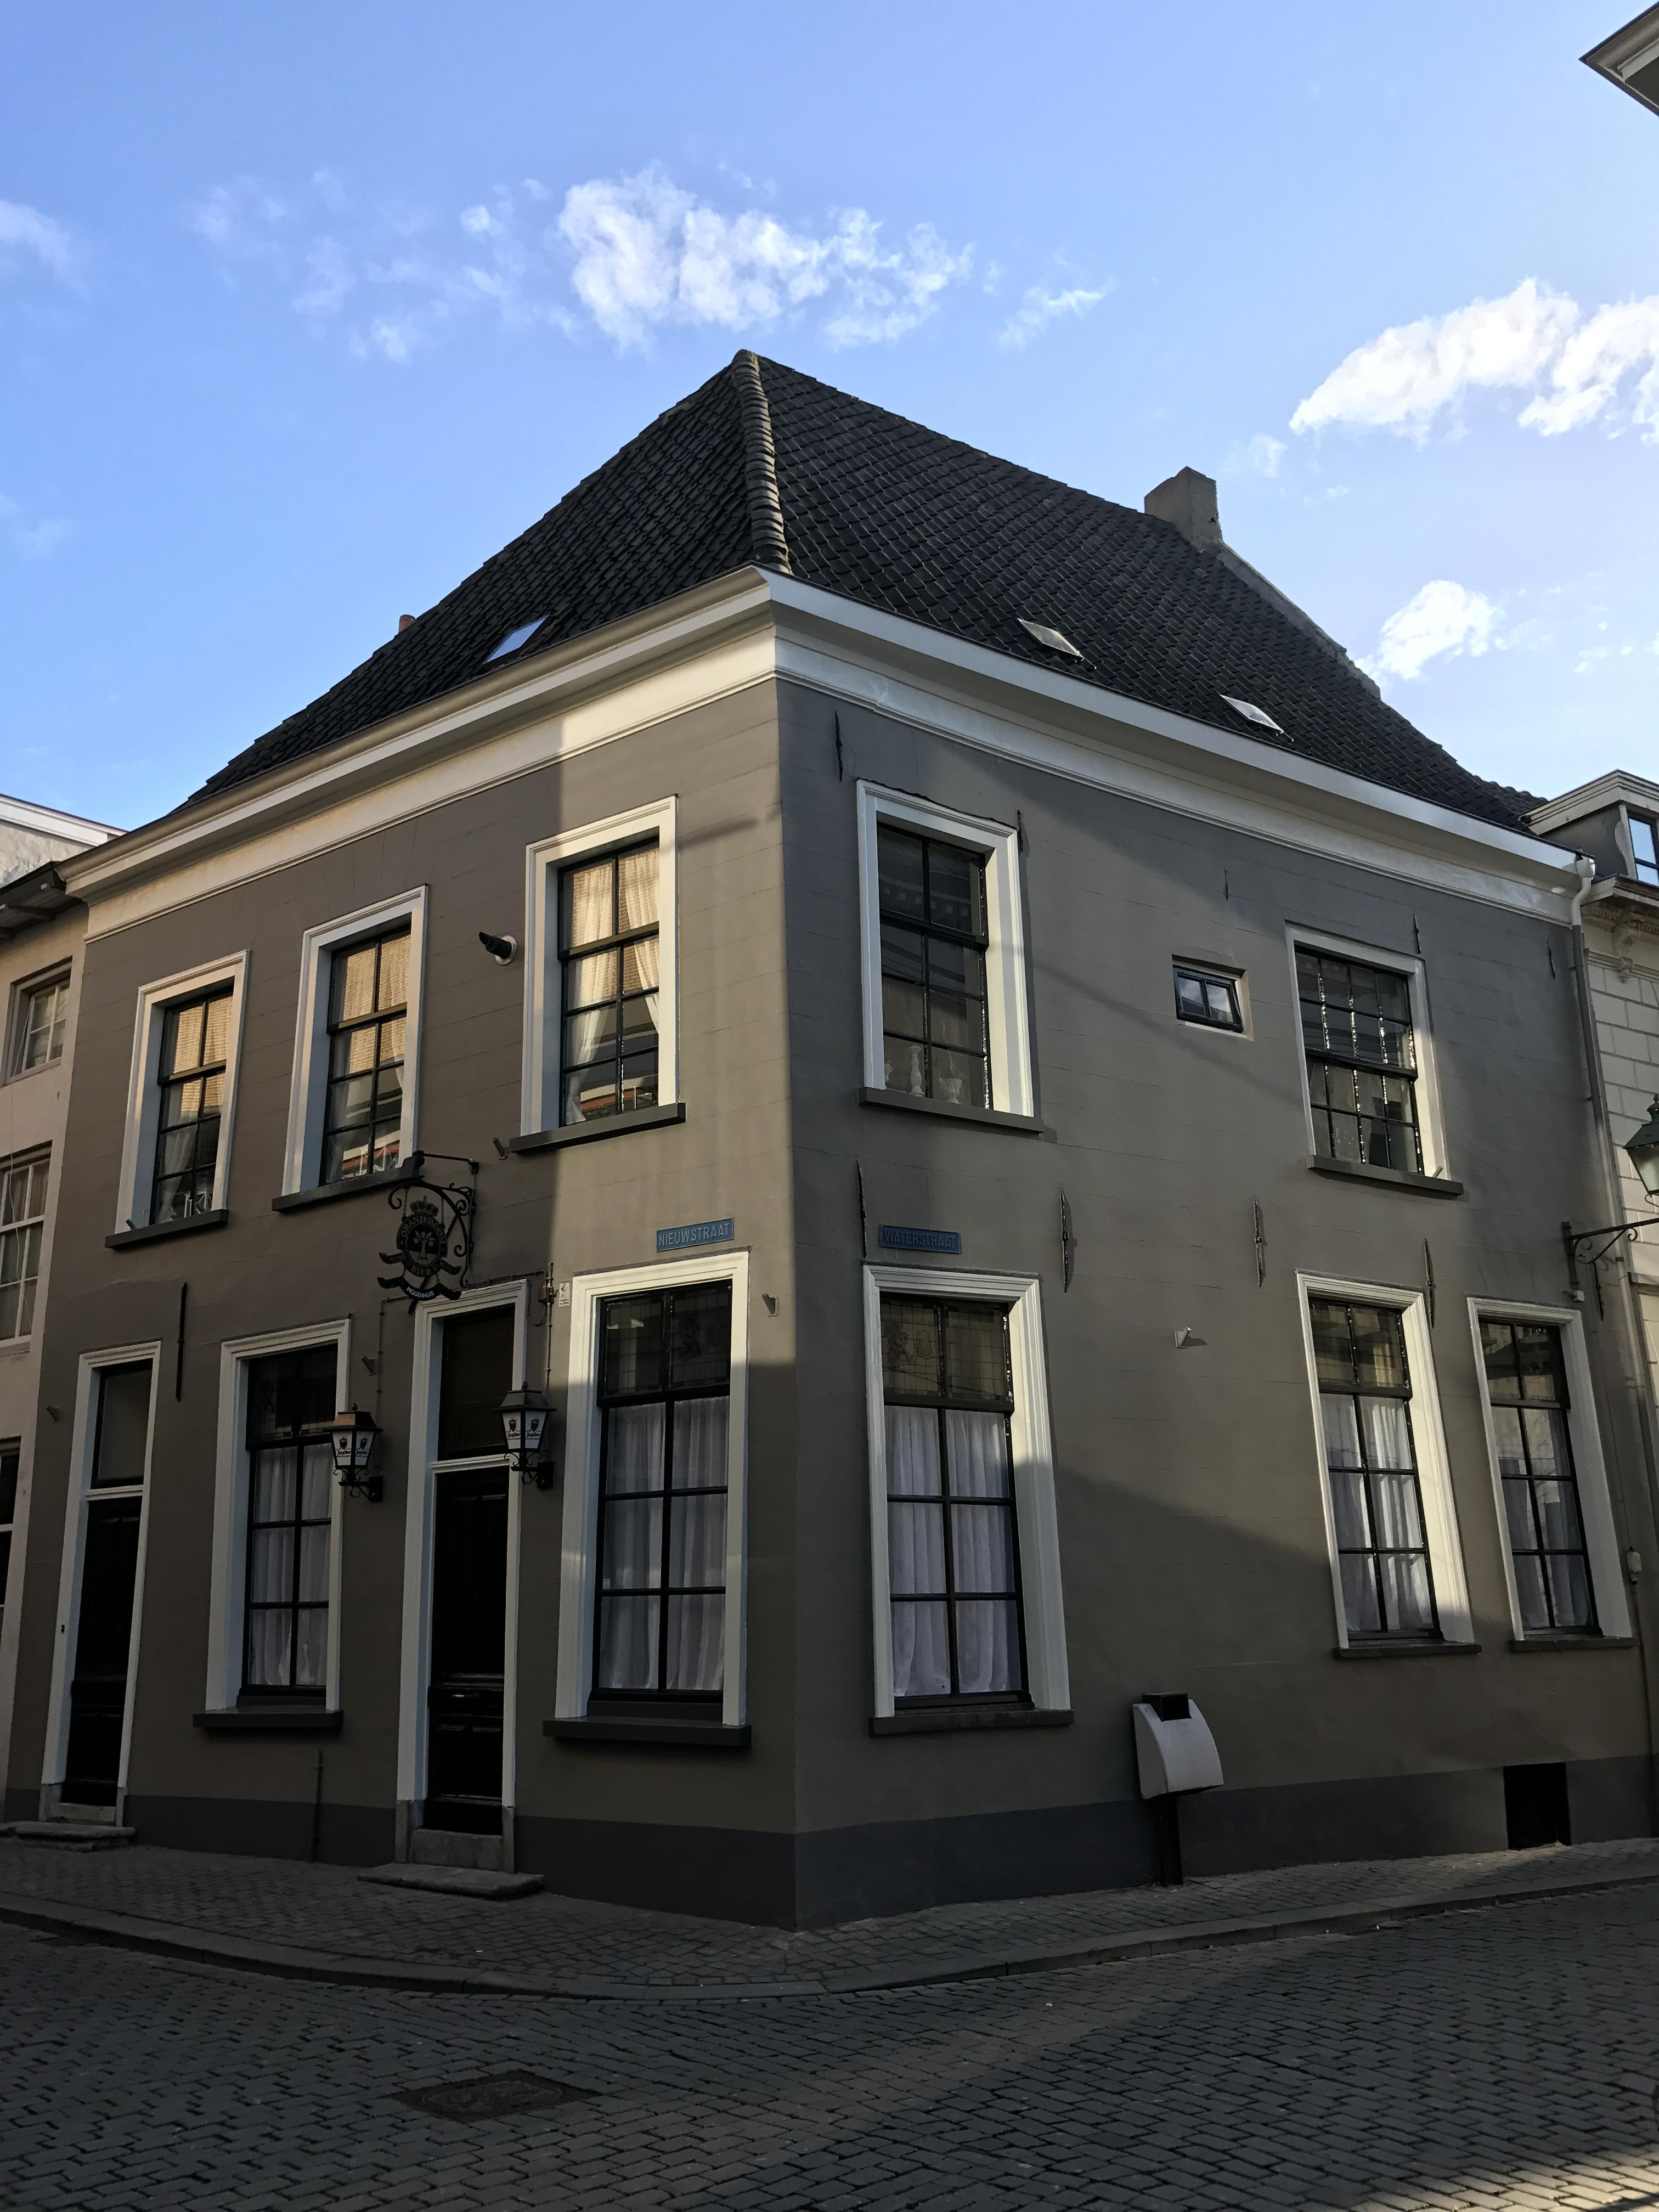 Piggenhuis-Breda-Na